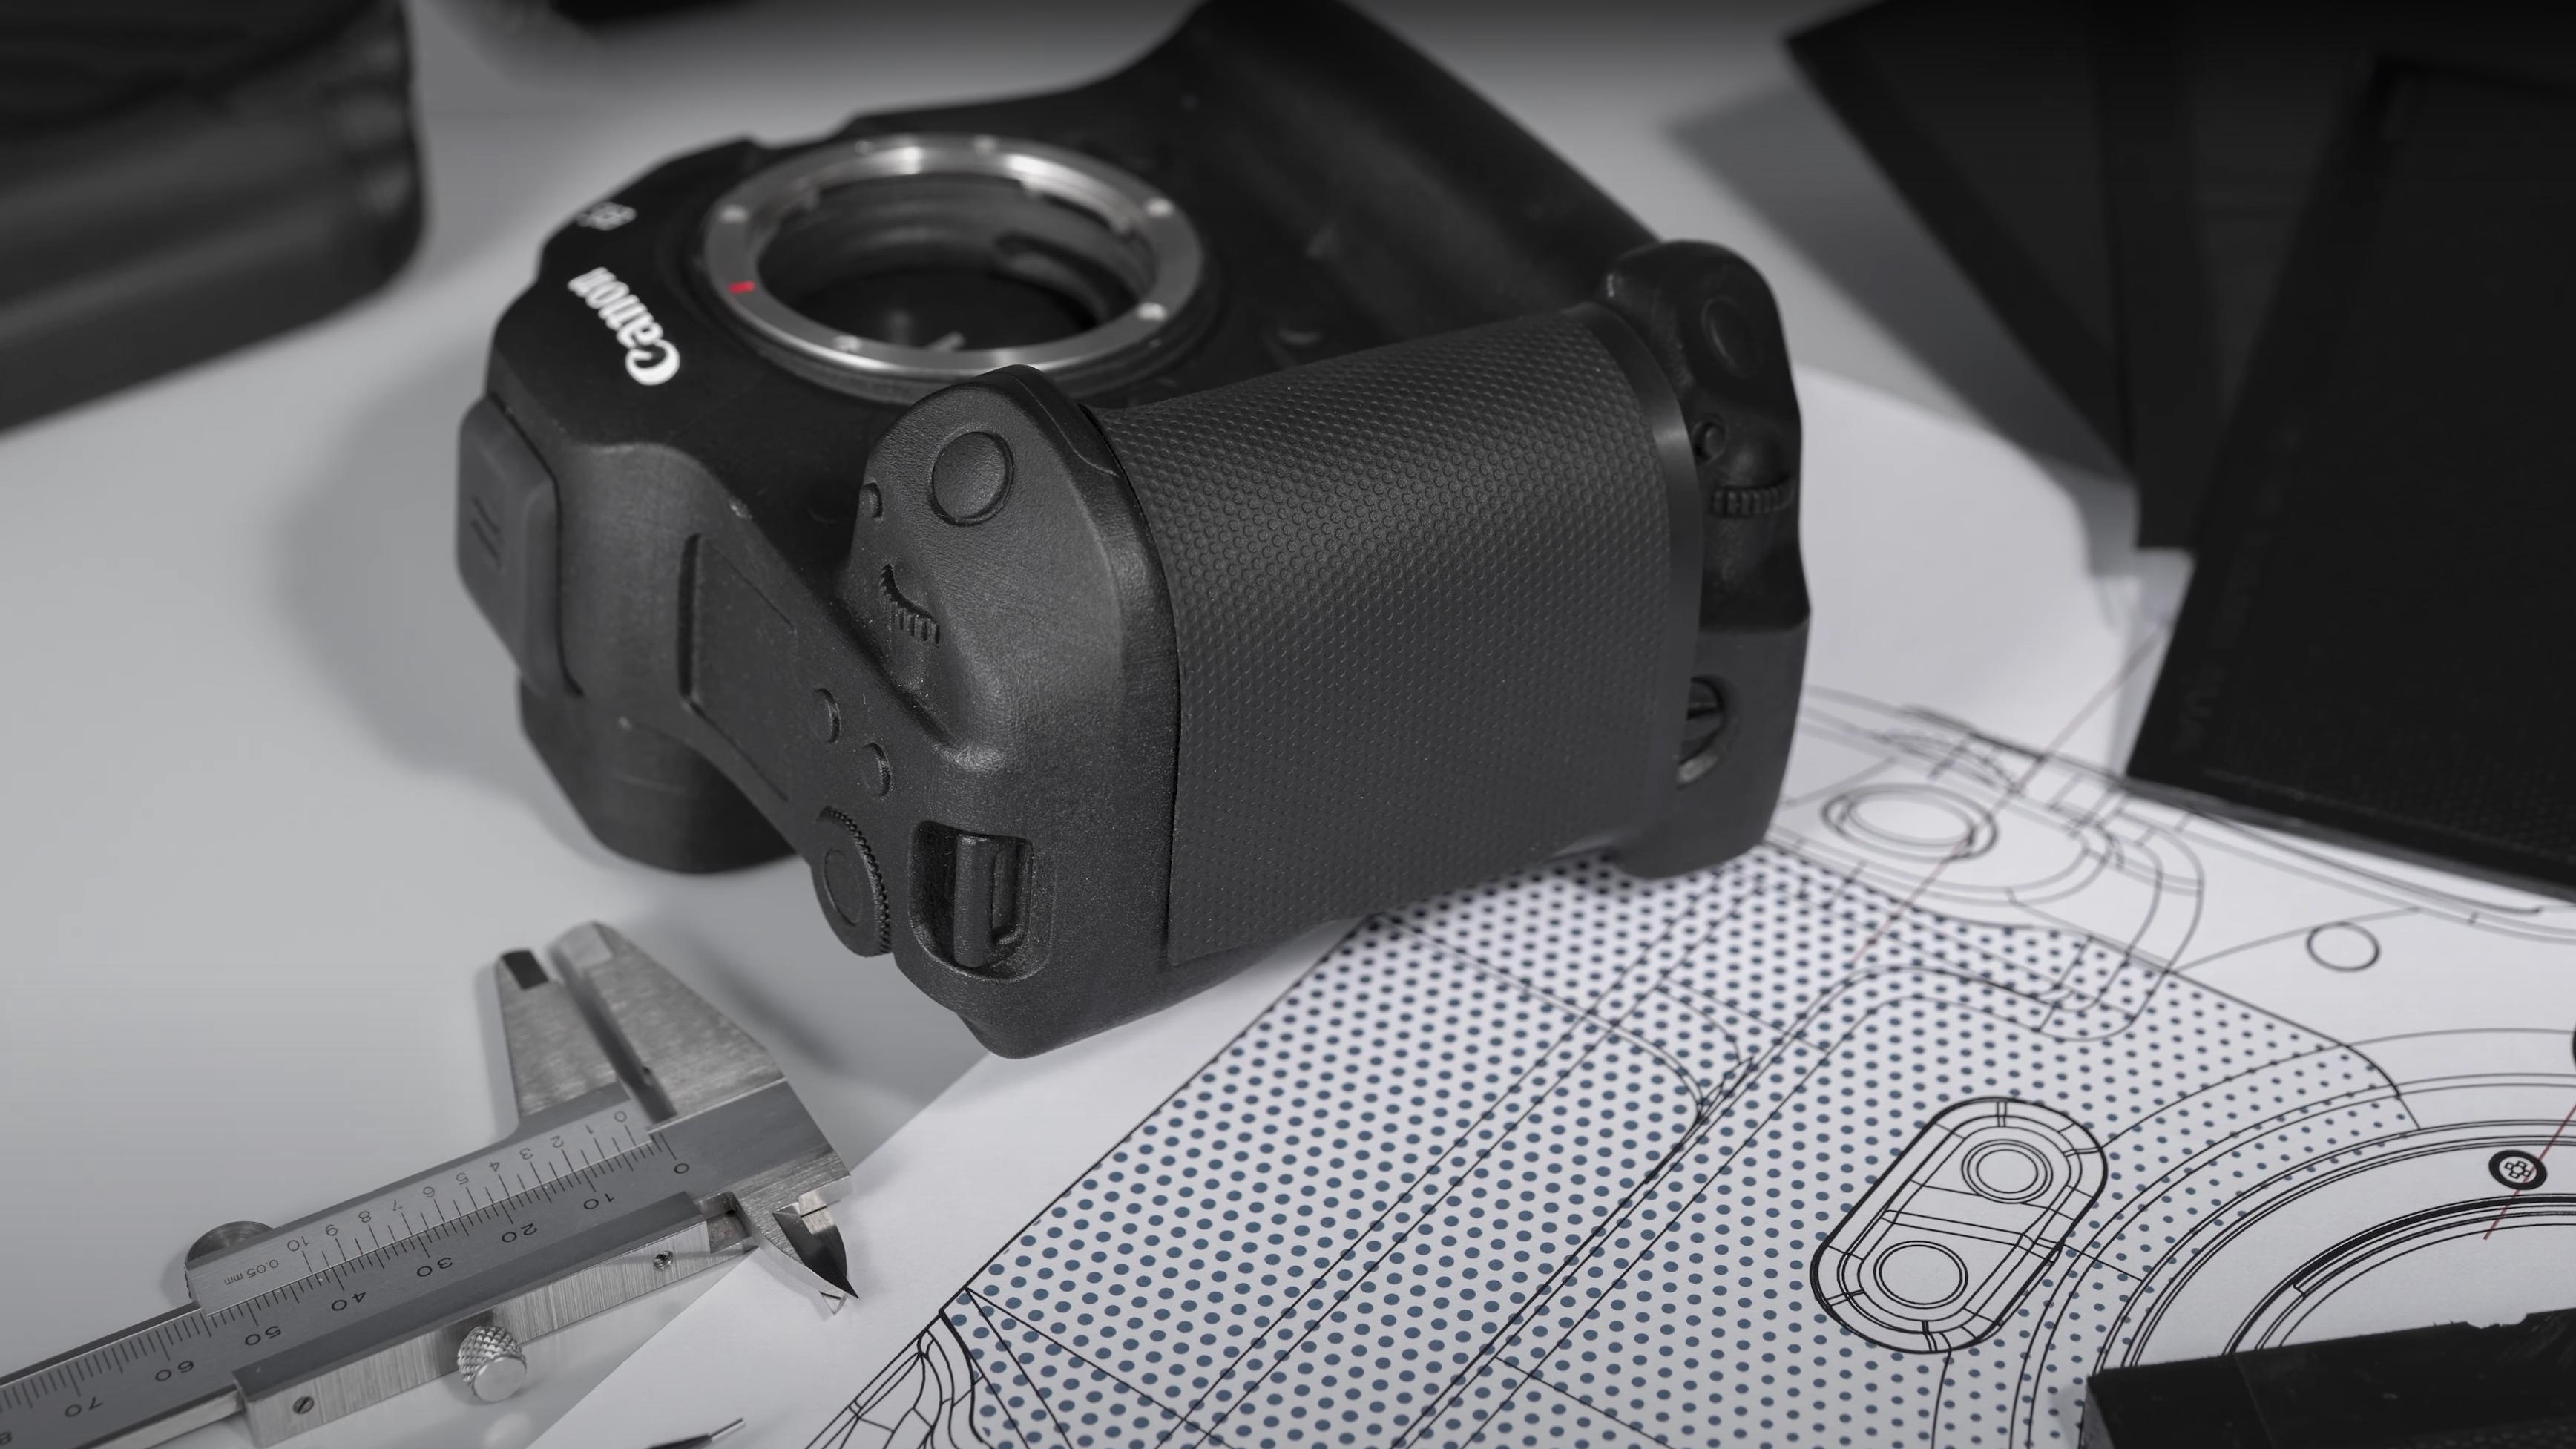 Un prototipo de la Canon EOS R3 sobre una mesa